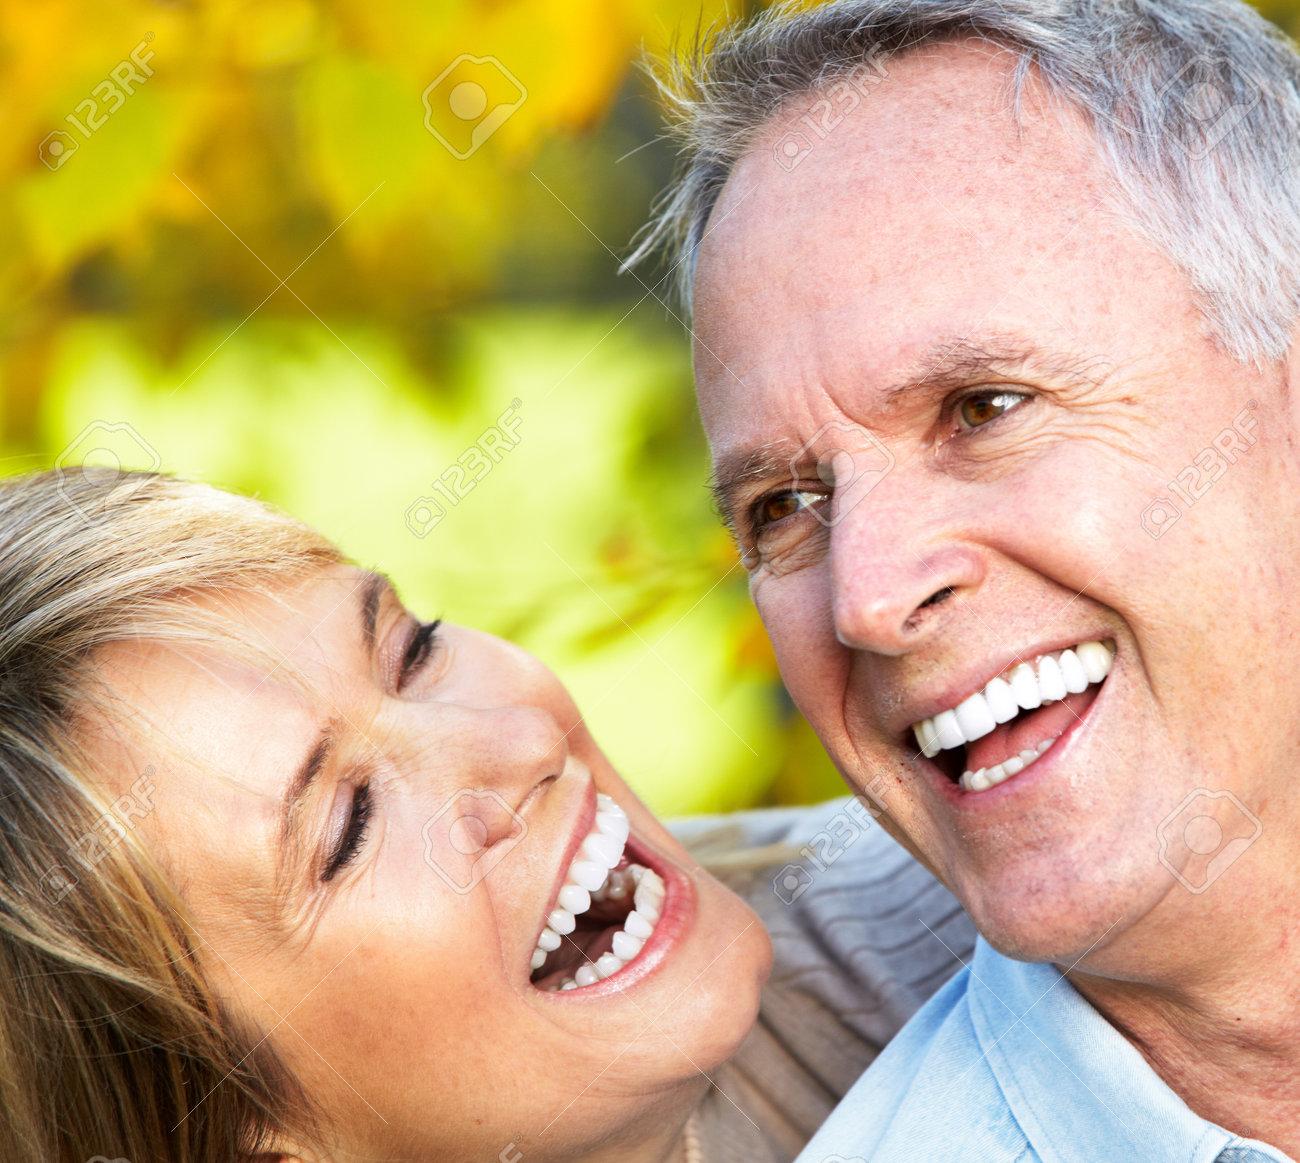 Happy couple. - 10857186